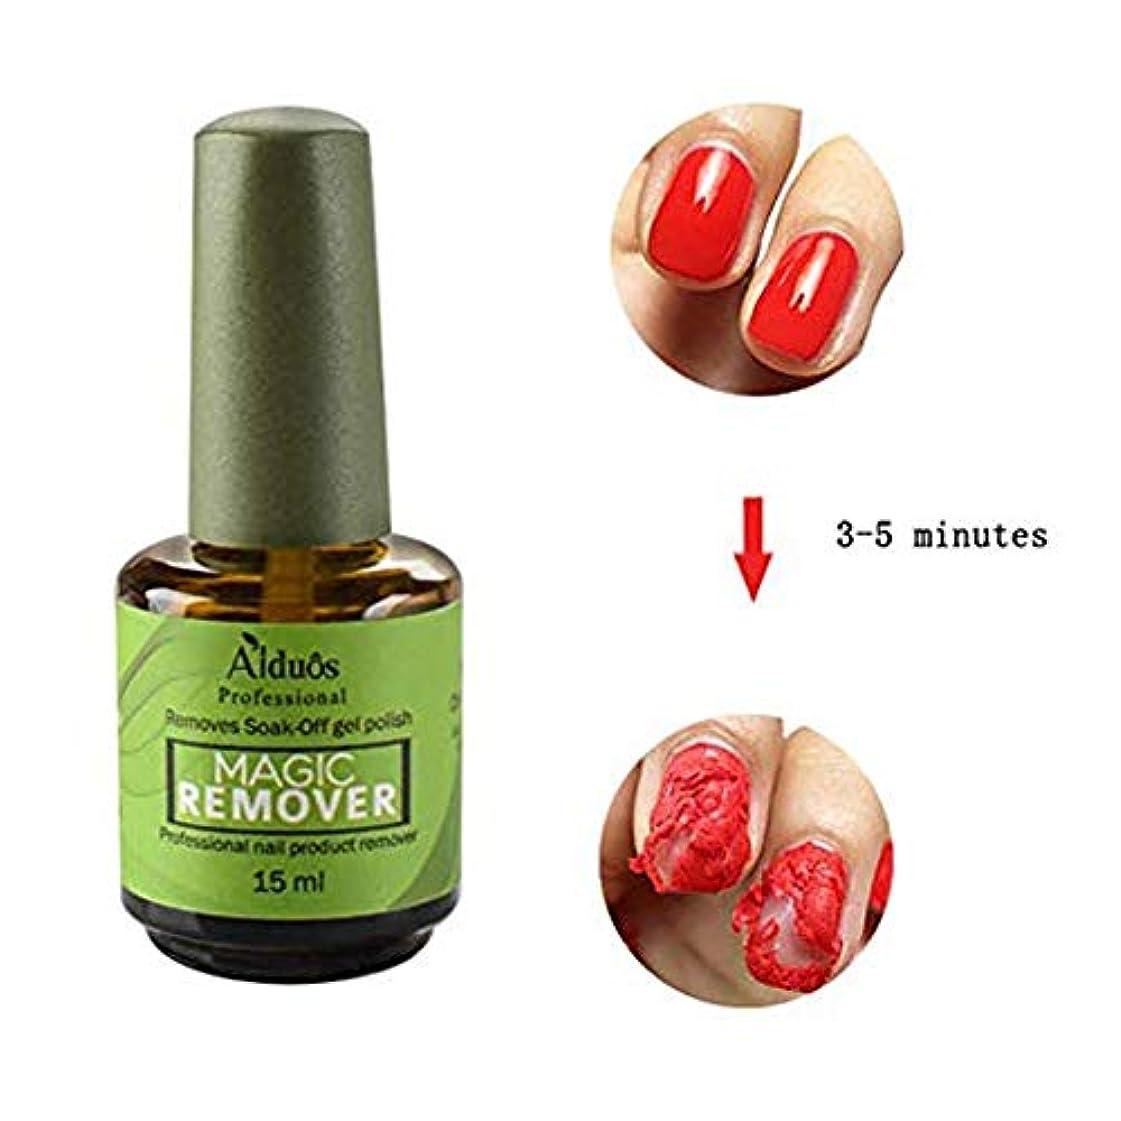 タッチ中に勃起Arvolno ネイルカラーリムーバー ネイルポリッシュリムーバー ジェルオフリムーバー マニュキアリムーバー 爪にやさしい 爪に塗ってはがすだけ! 15ml (15ML)